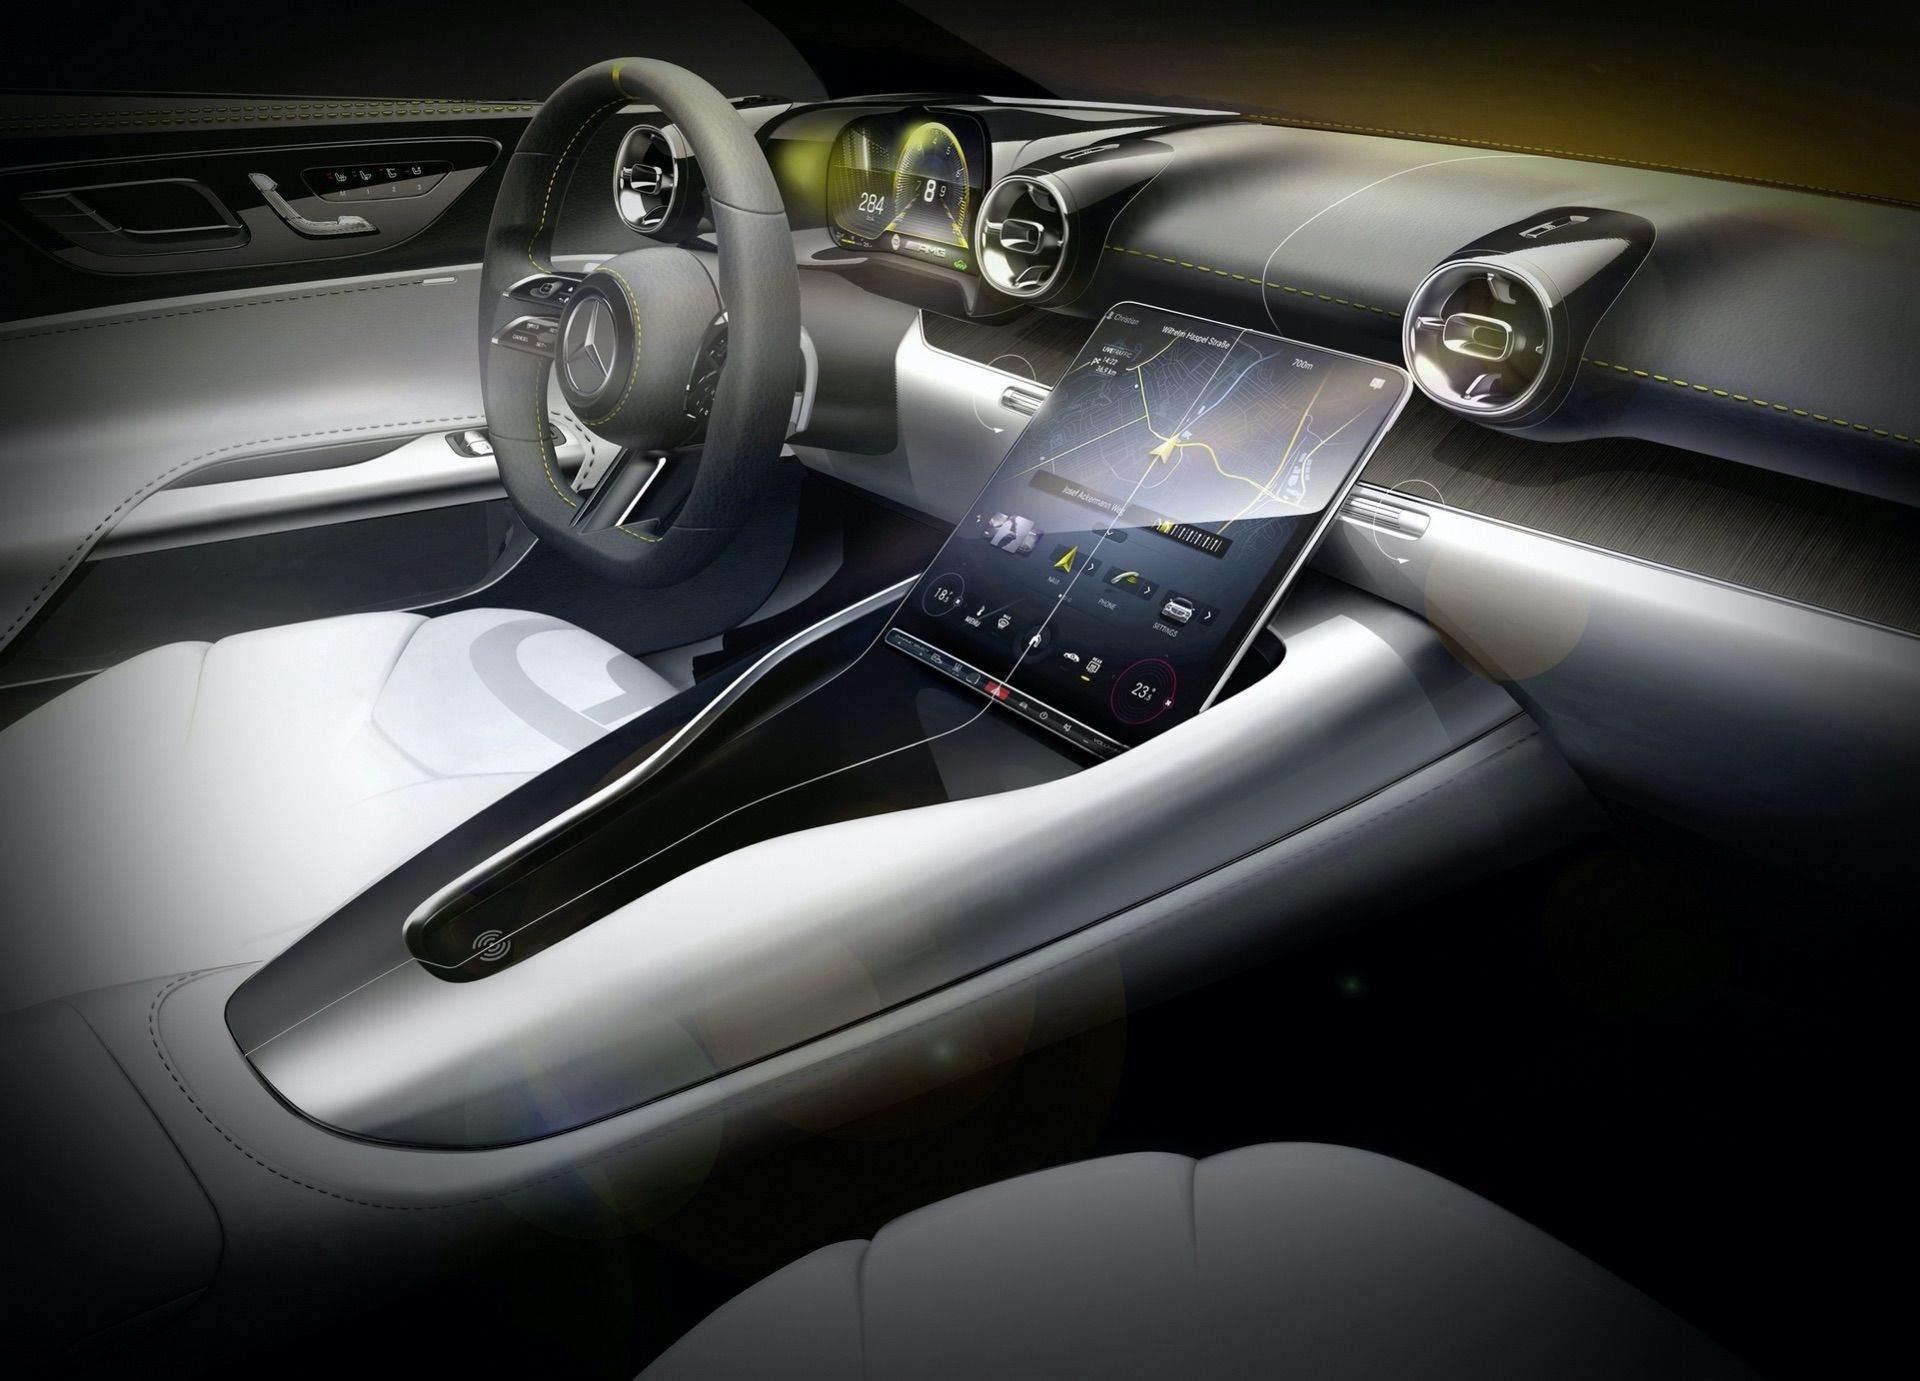 2023-Mercedes-AMG-SL-23_1920x1381